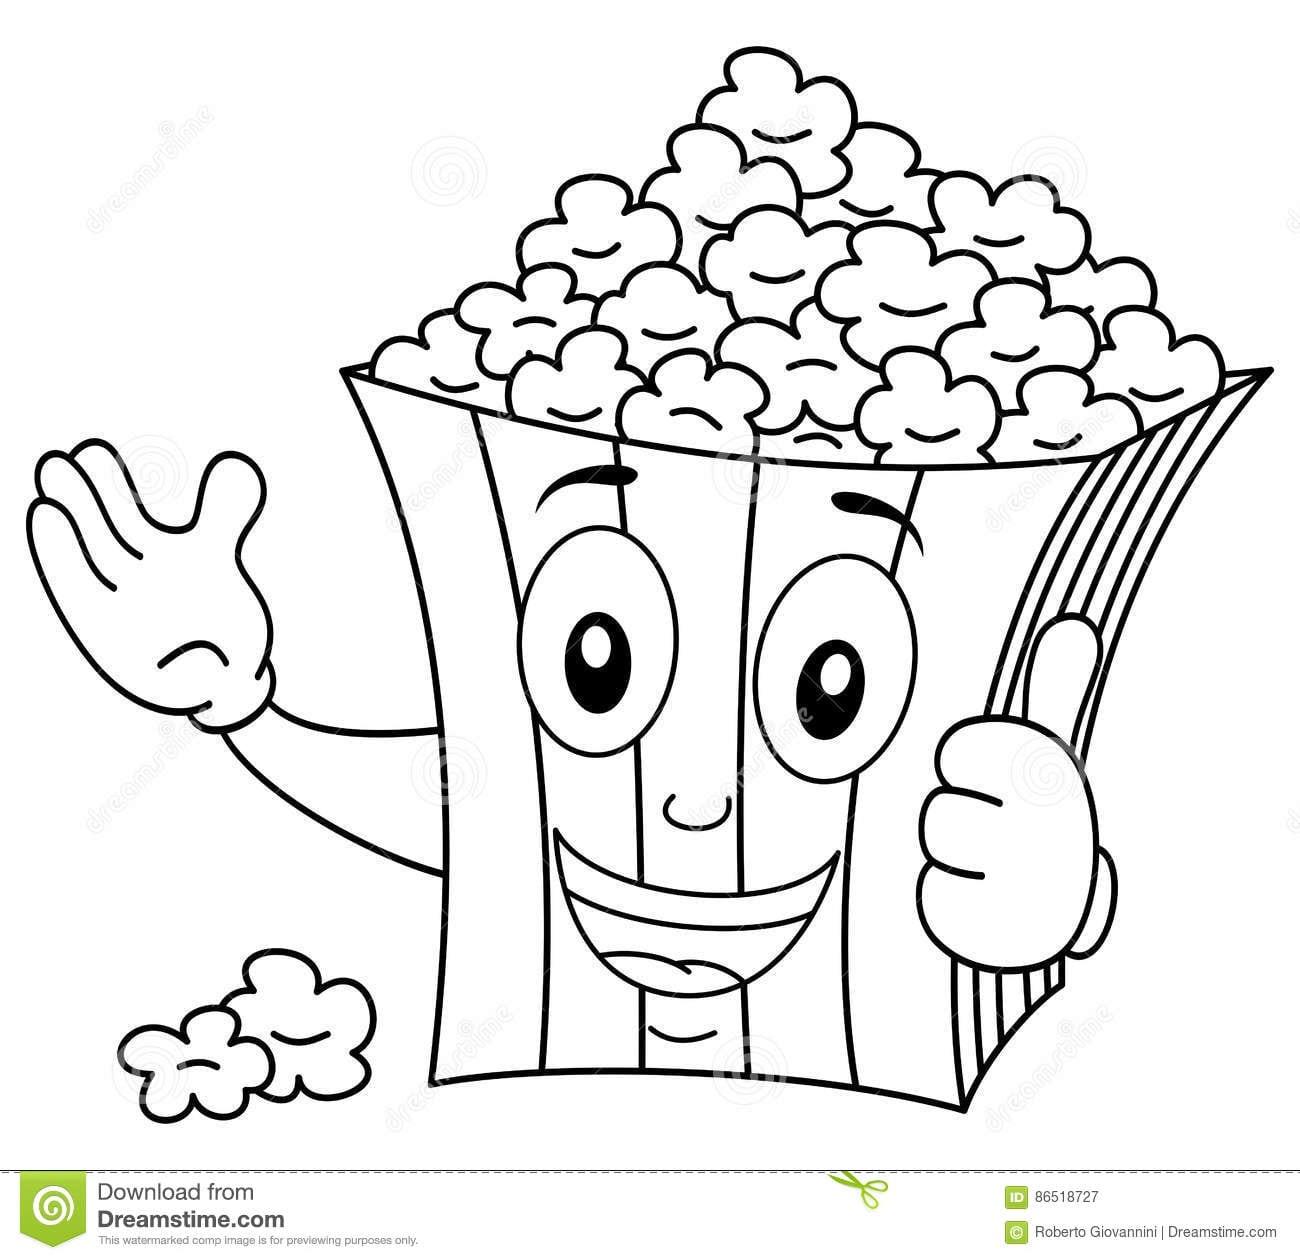 Popcorn Bilder Zum Ausdrucken - Free Vector Download